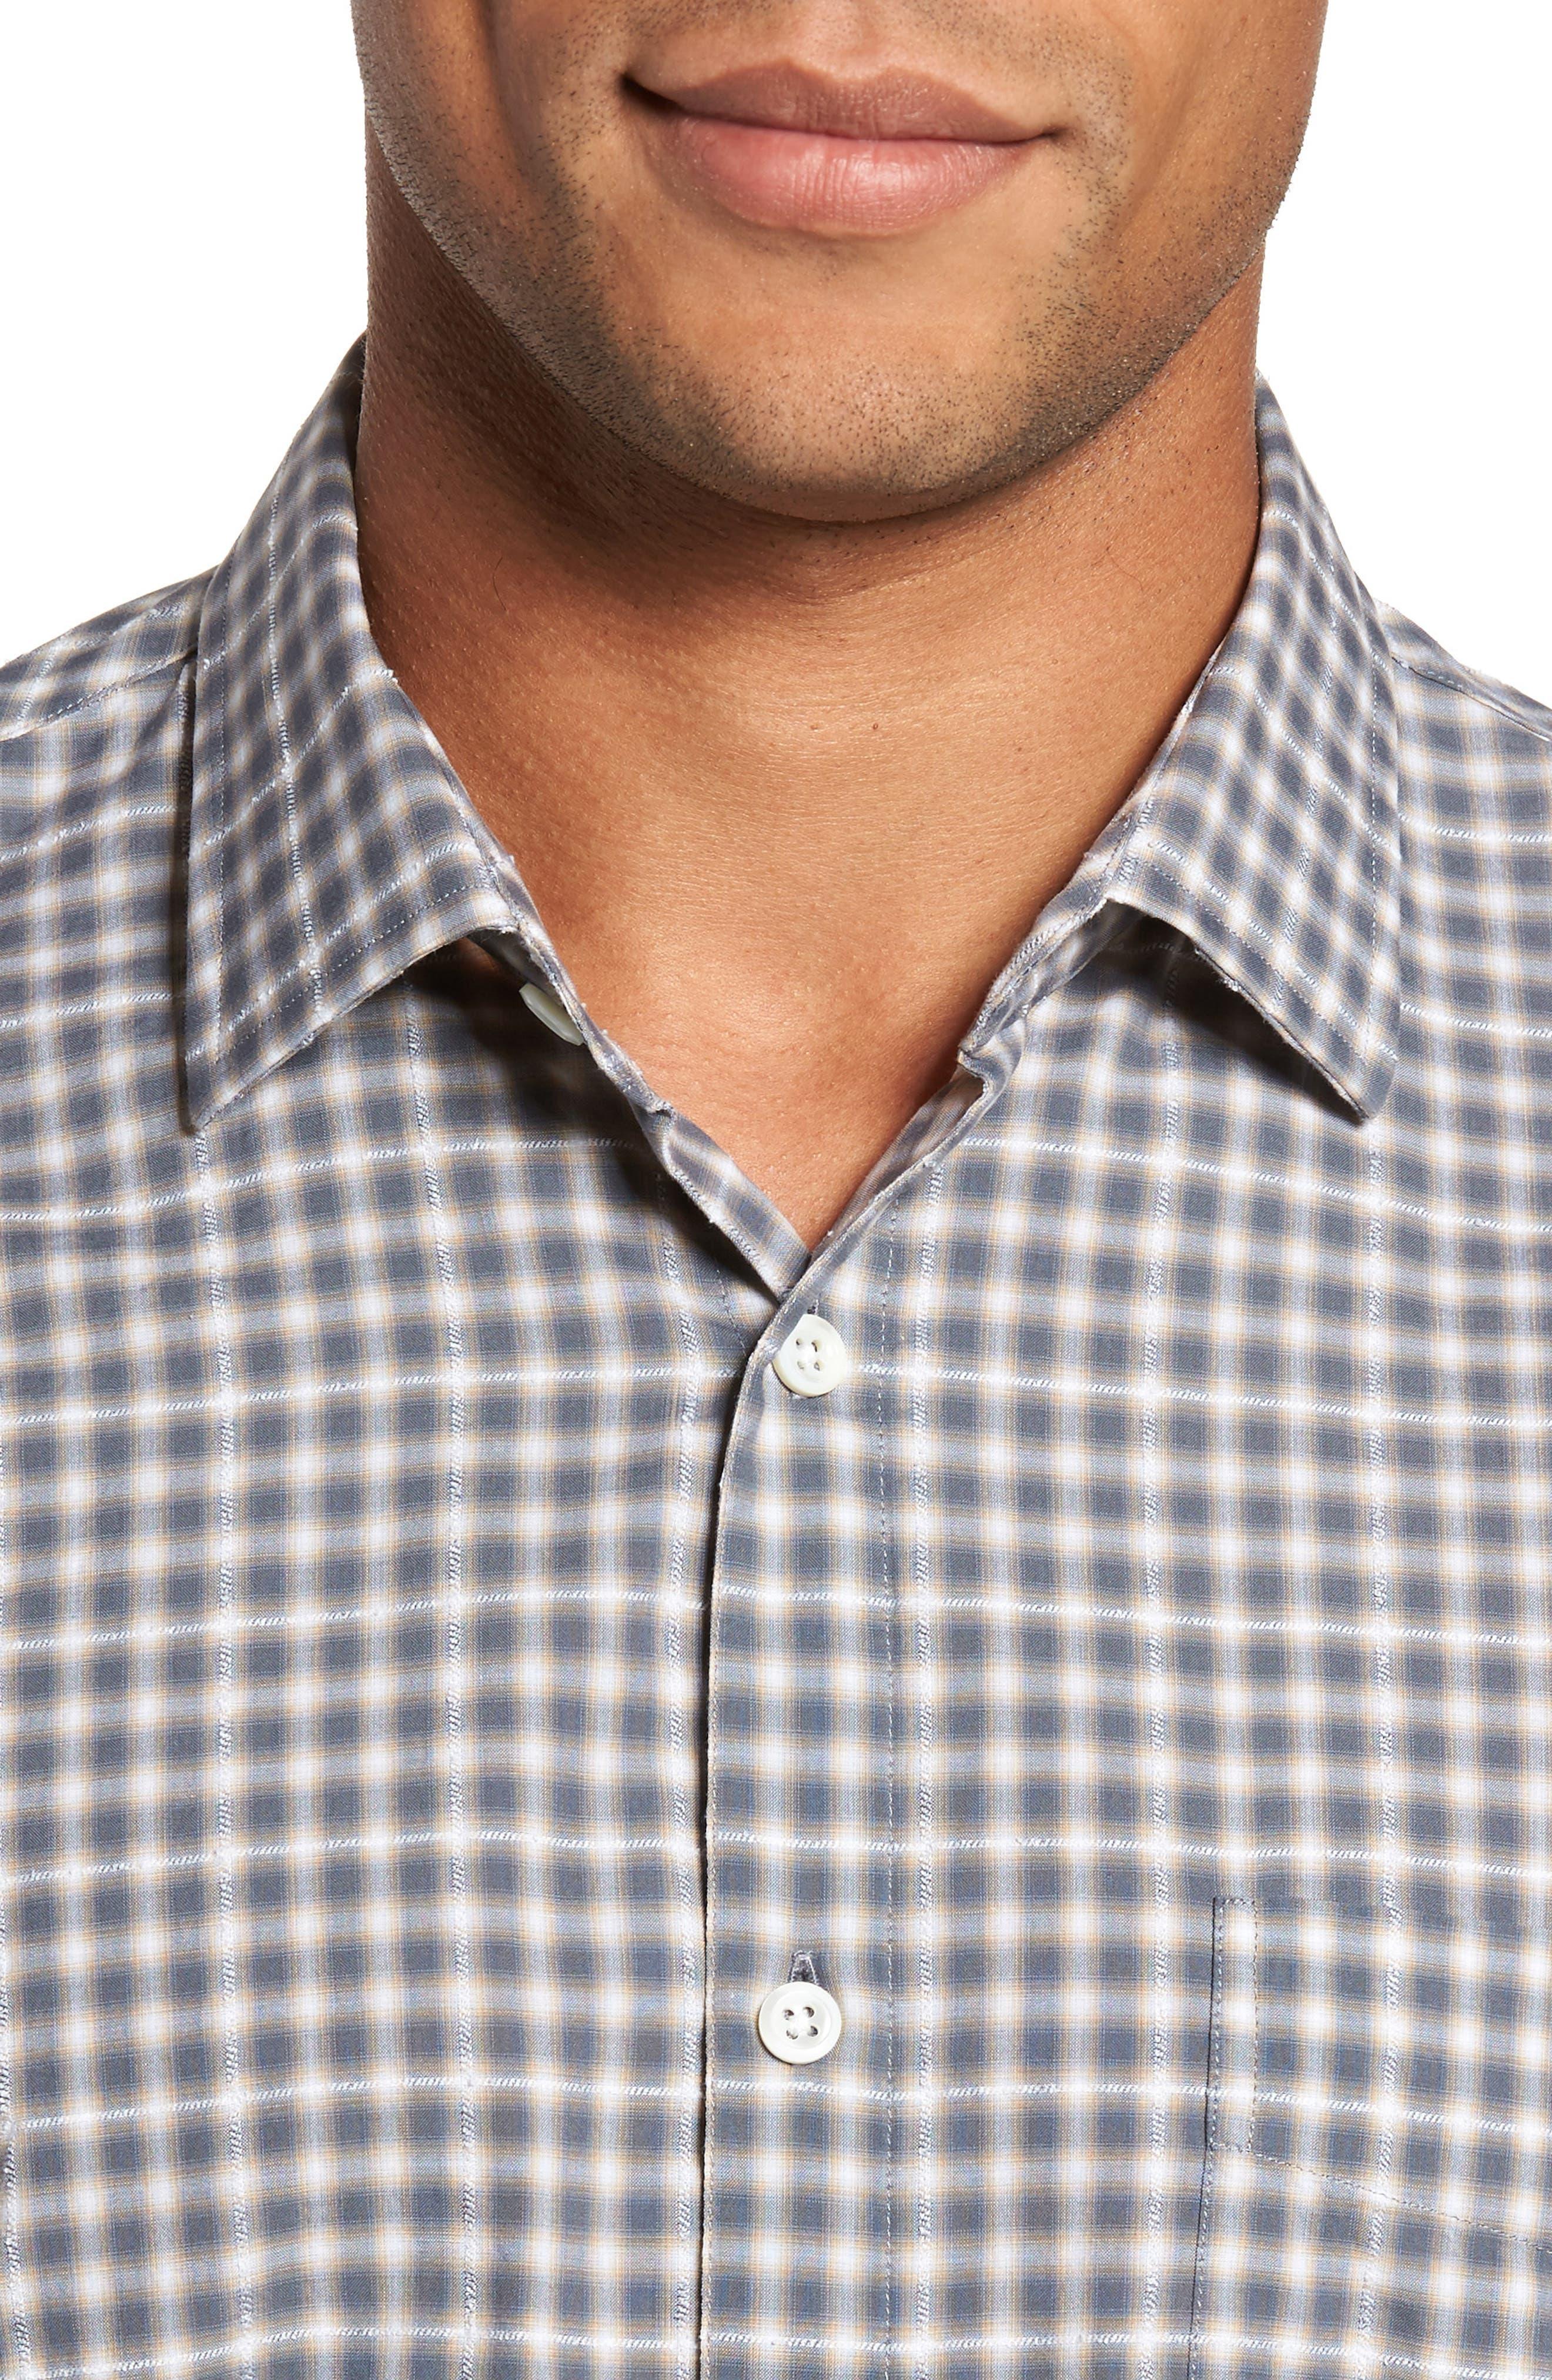 John T Print Slim Fit Sport Shirt,                             Alternate thumbnail 4, color,                             090